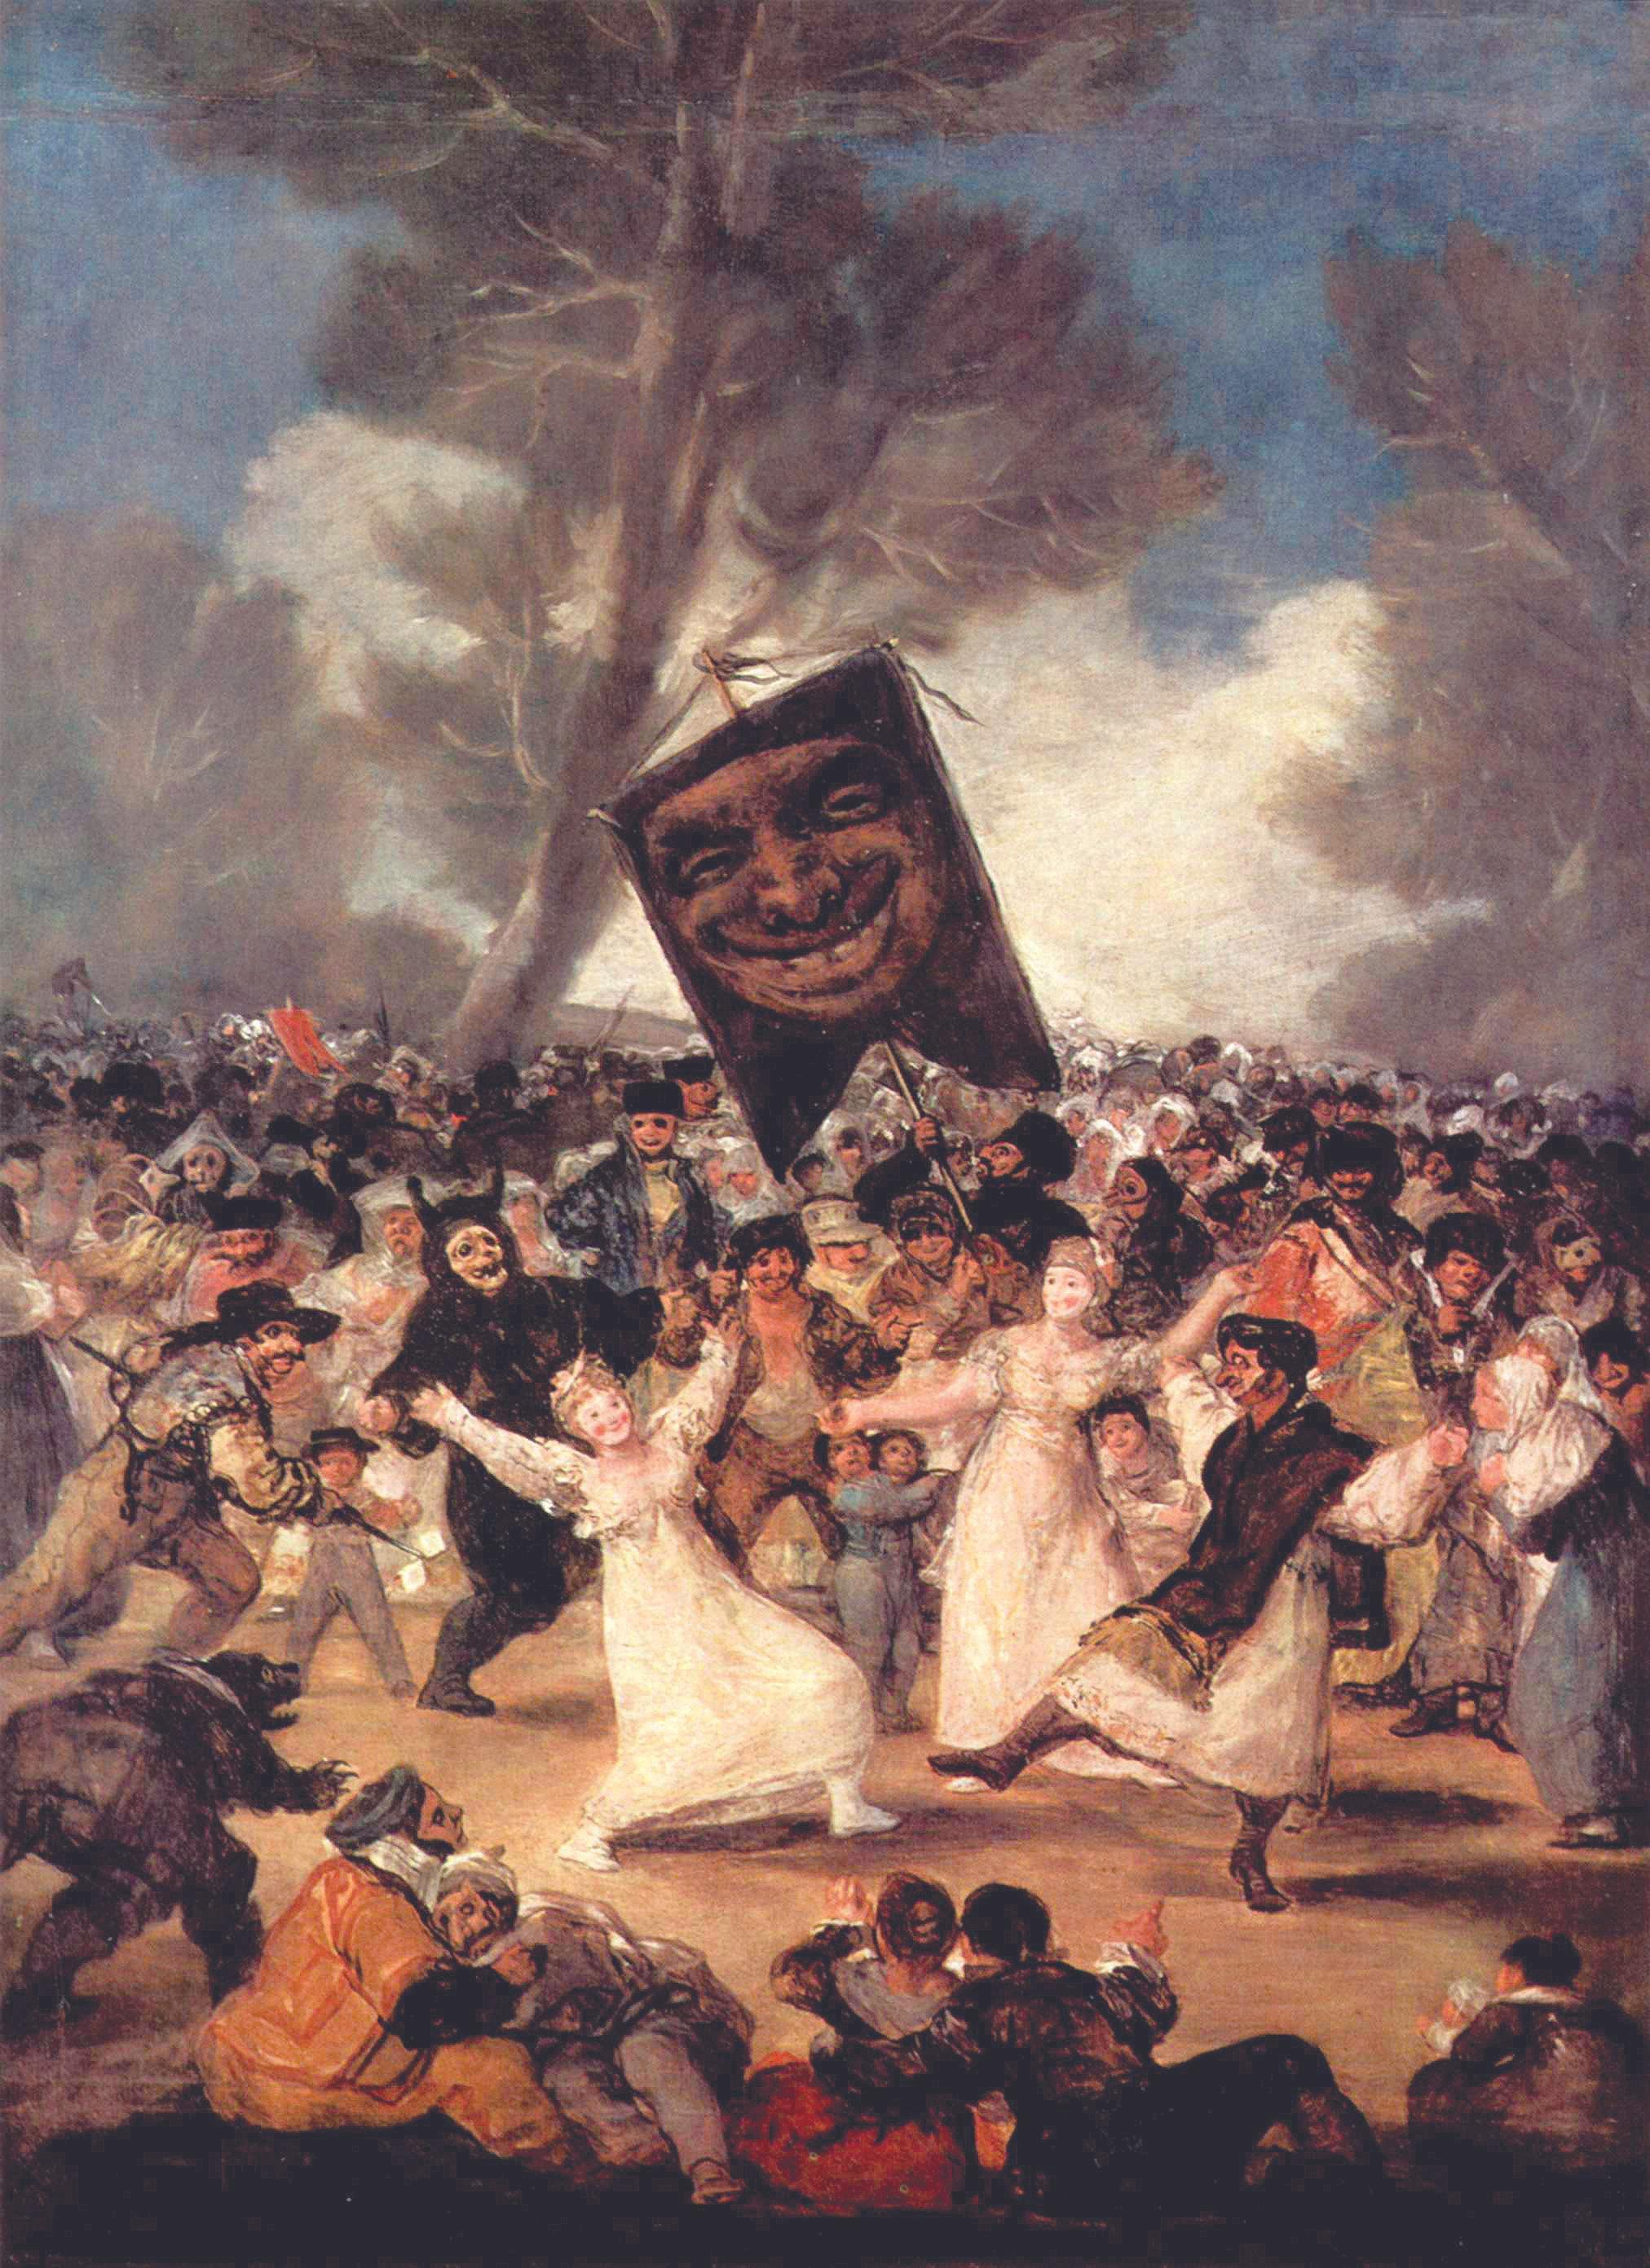 Francisco de Goya, El entierro de la sardina, 1819